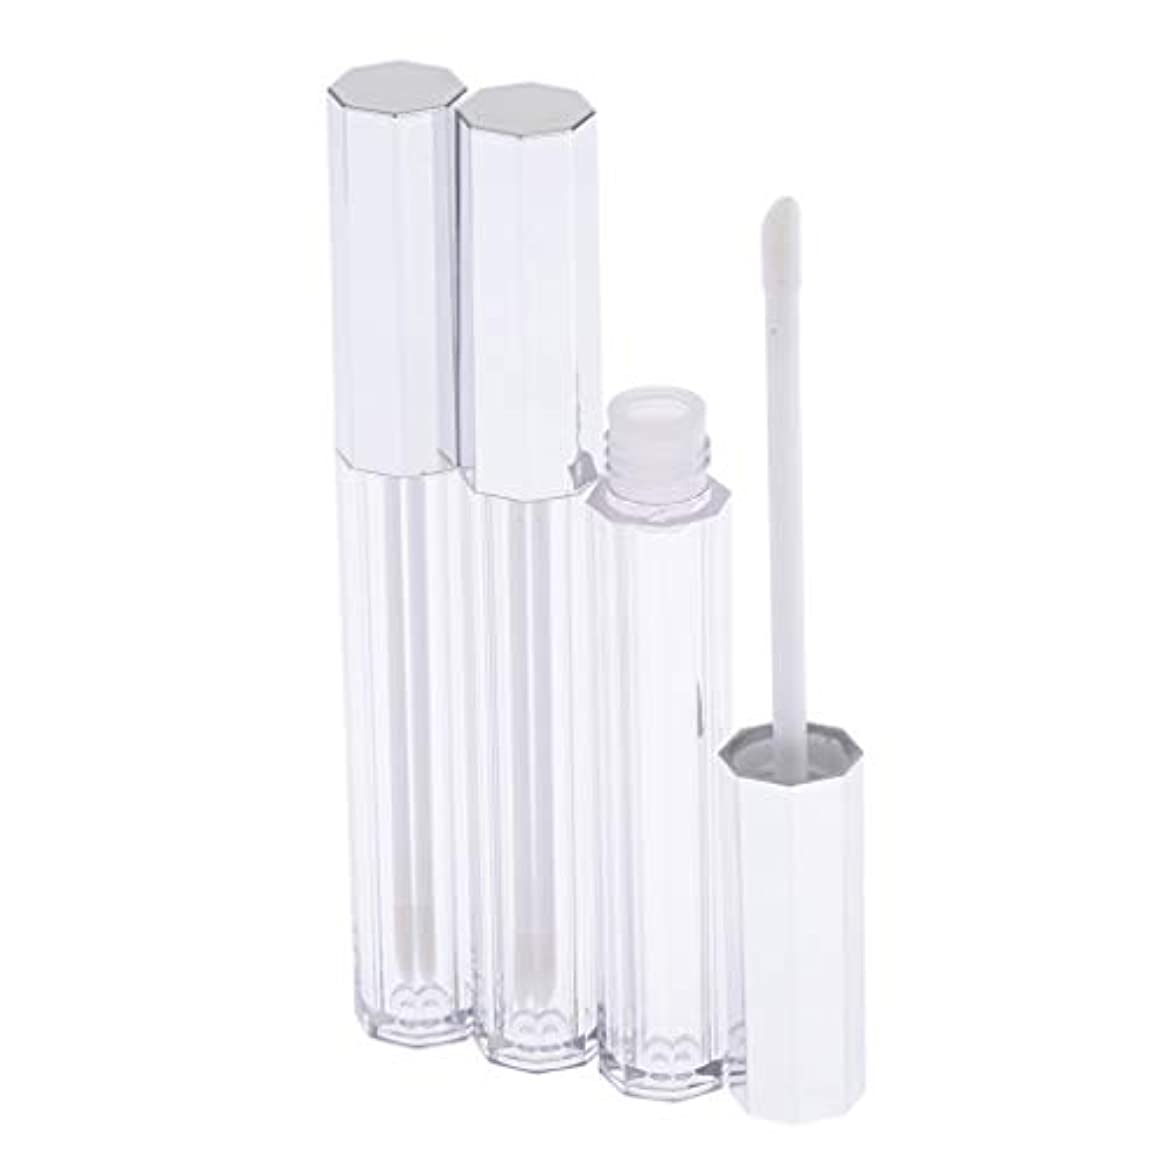 刺激する軸中級リップグロス 容器 チューブ クリア リップスティックチューブ プラスチック 5ml 3個セット